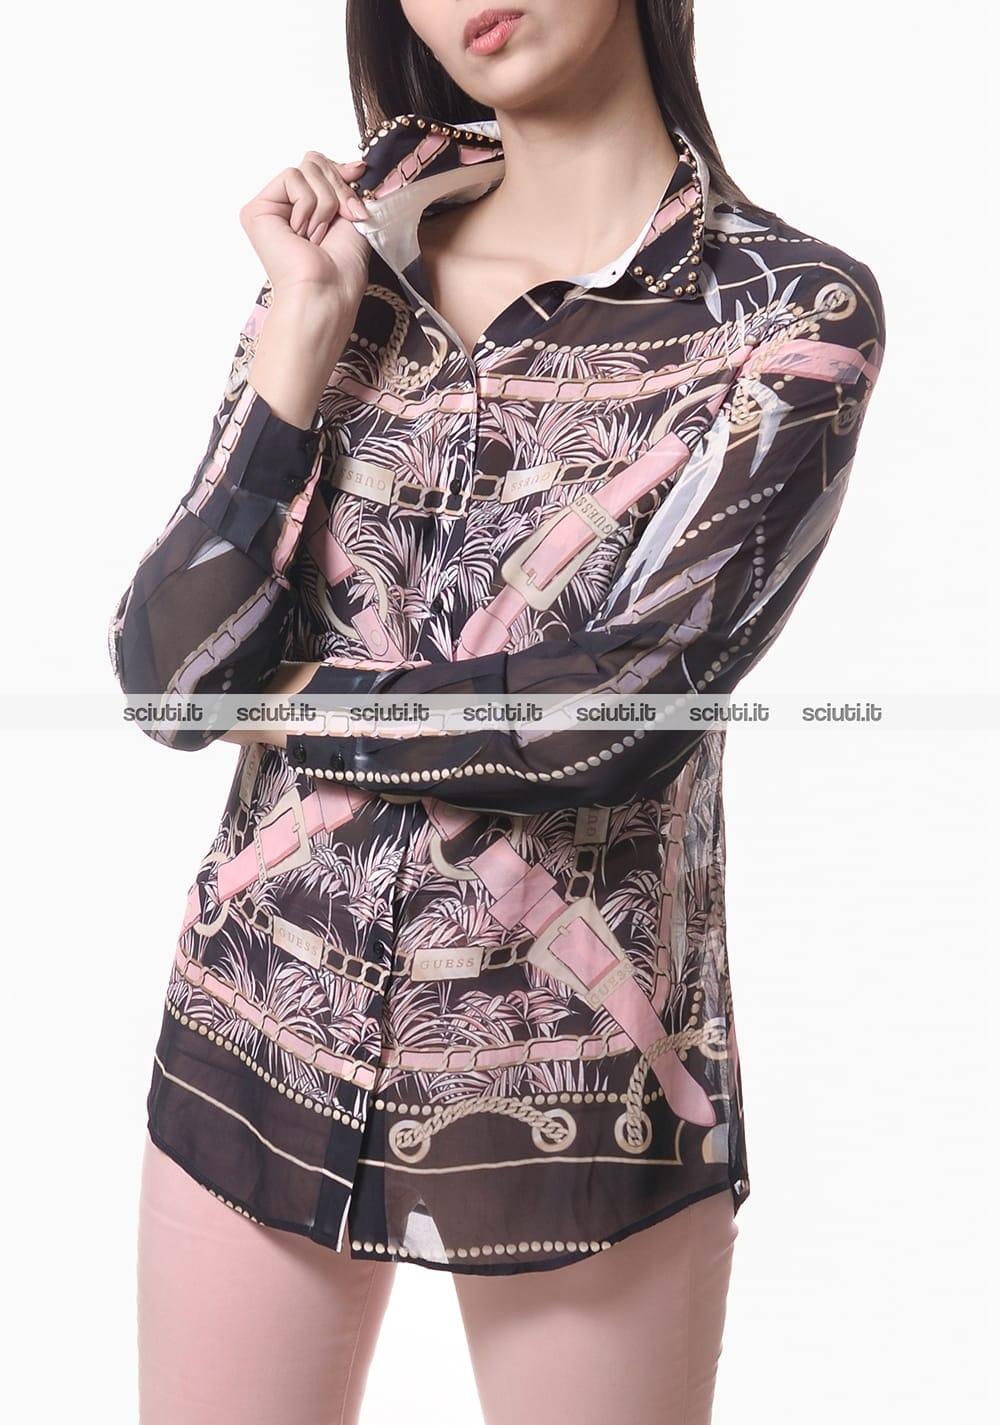 buy popular 9dfce 1158f Camicia Guess donna stampa cinturini nero rosa | Sciuti.it